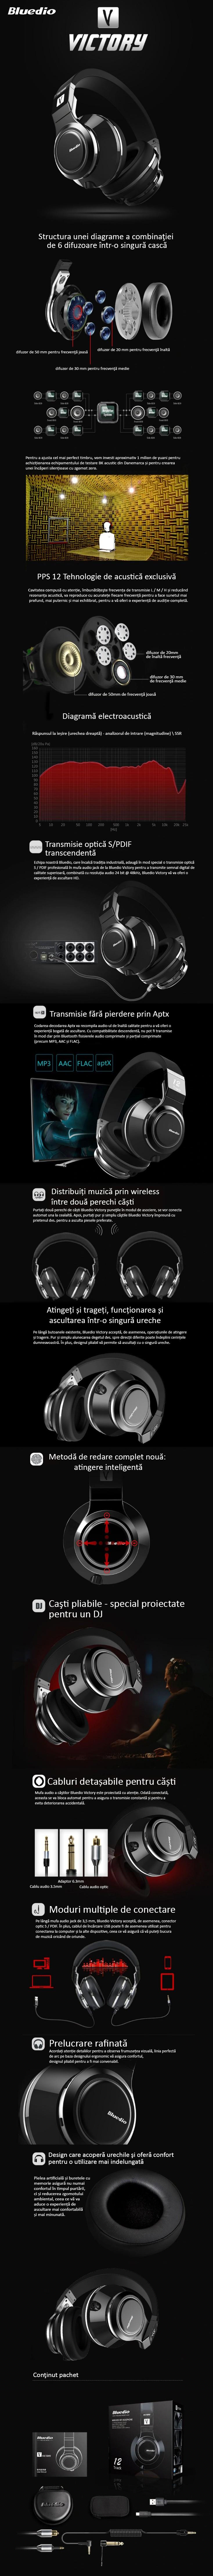 screencapture-dualstore-ro-gadgeturicastiincarcatoare-si-cabluri-usb-945-casti-profesionale-bluedio-victory-bluetooth-audio-optic-html-2018-10-08-17_28_0725d7cd520d6a1d78.jpg